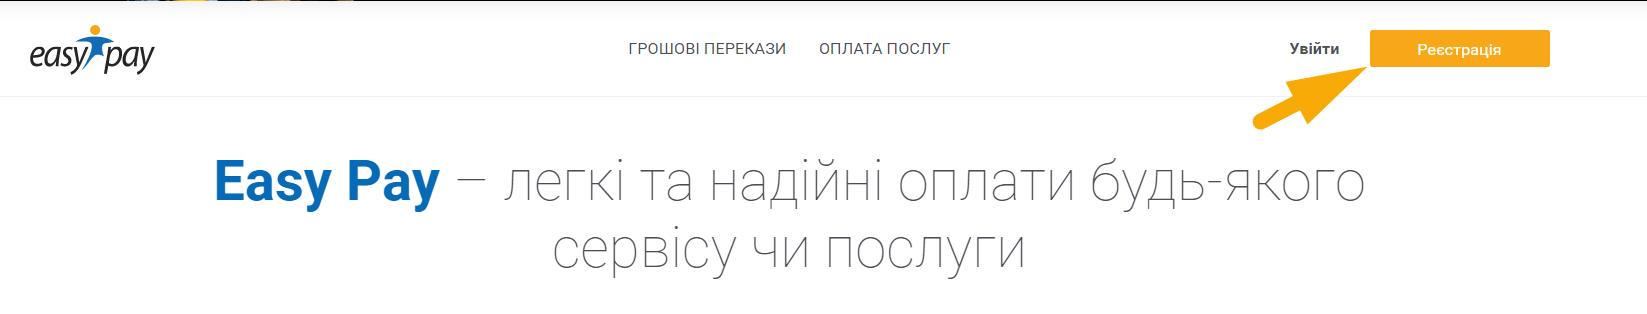 Як сплати Дніпропетровськгаз збут- крок 1